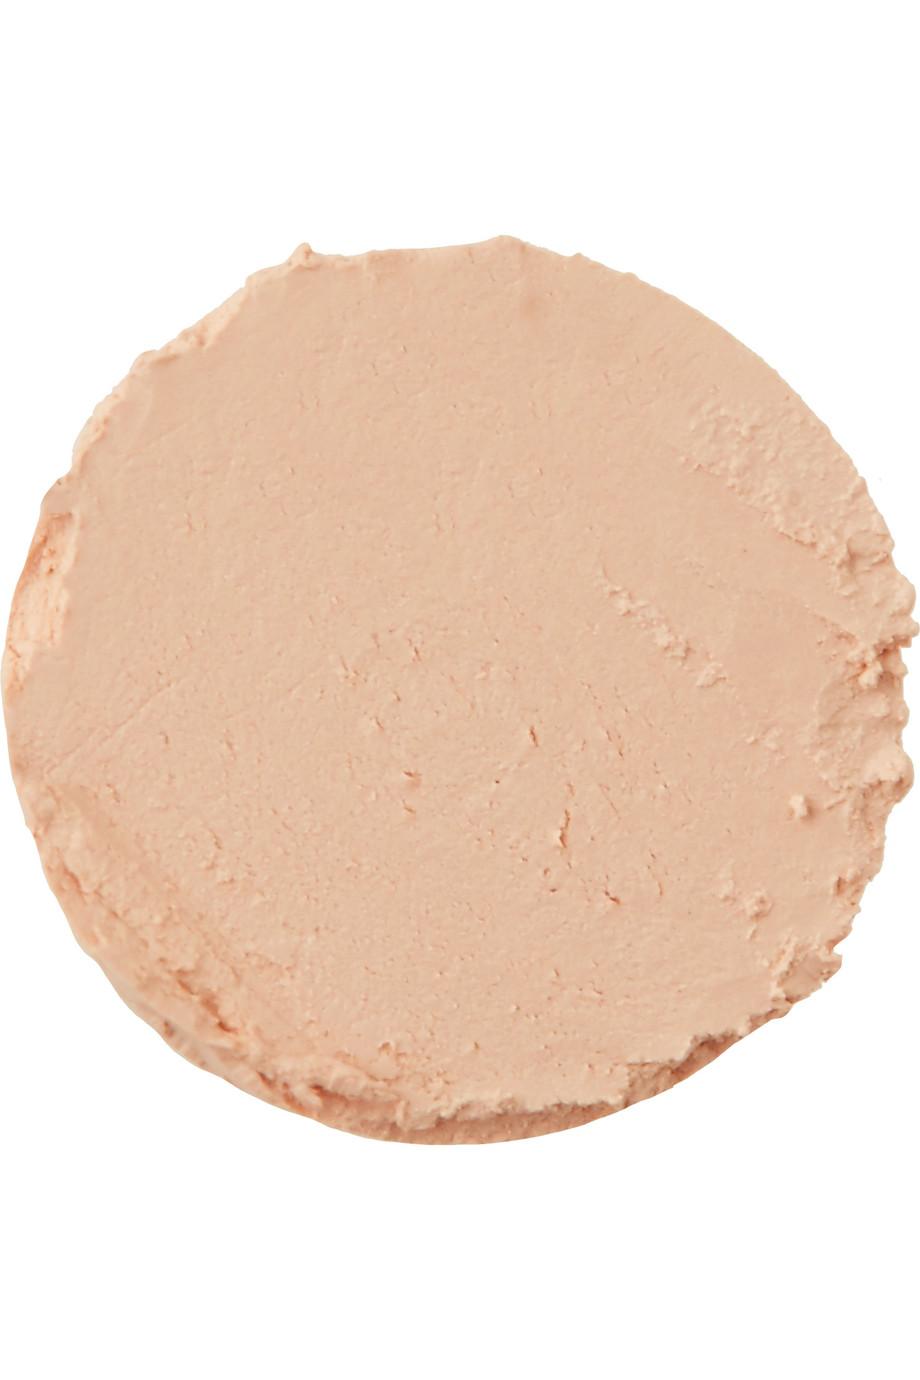 Surratt Beauty Surreal Skin Concealer – 02 – Concealer